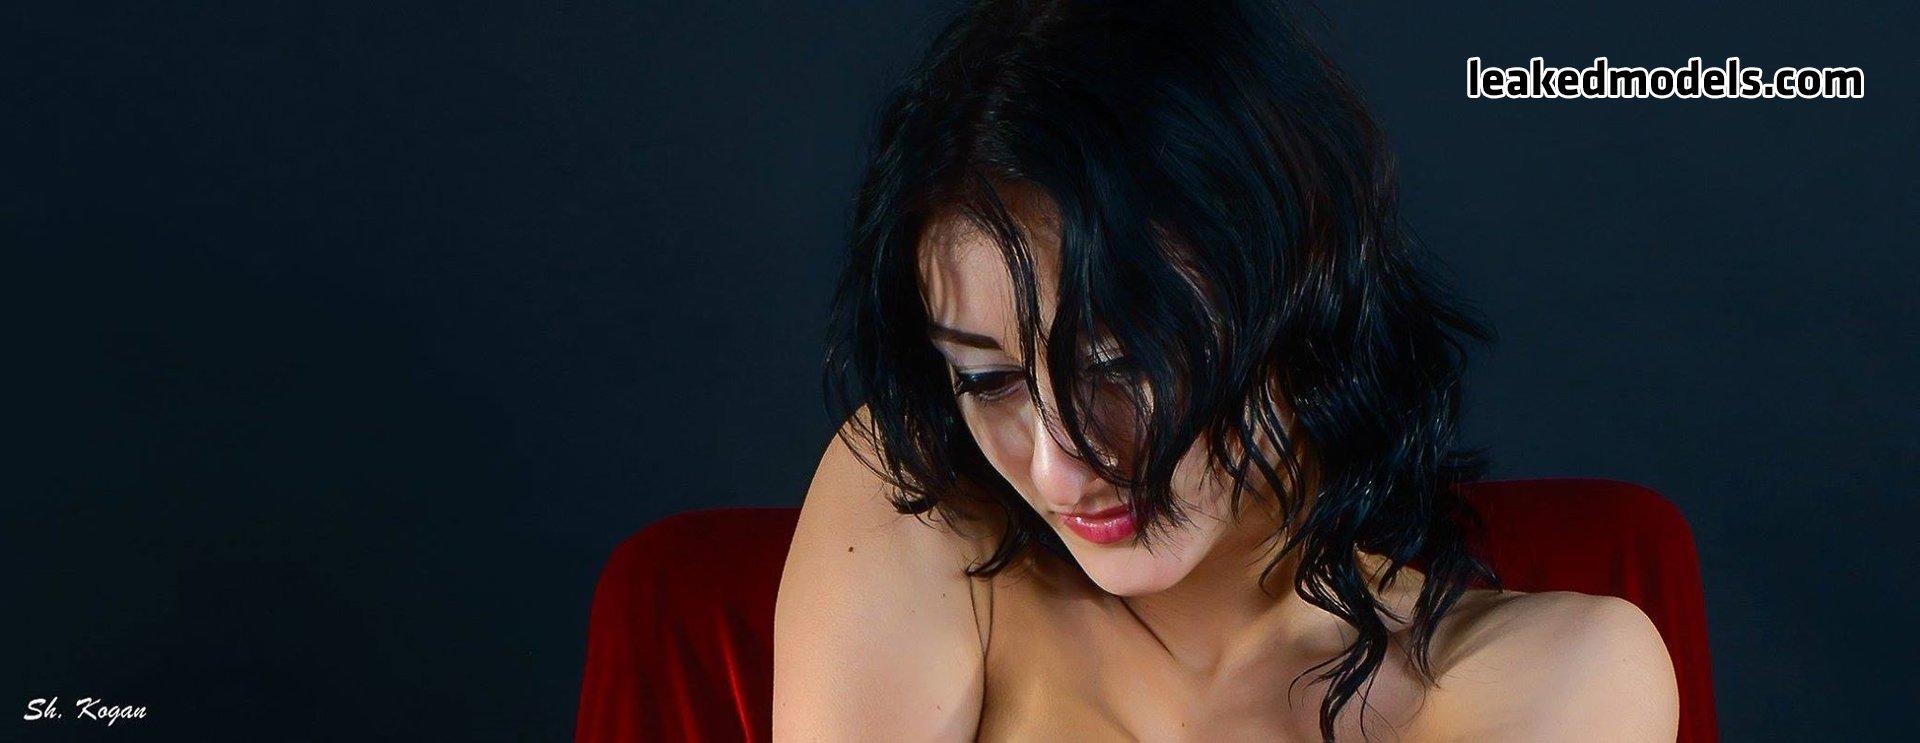 valeriya dubinskaya leaked nude leakedmodels.com 0022 - Valeriya Dubinskaya Instagram Nude Leaks (37 Photos)